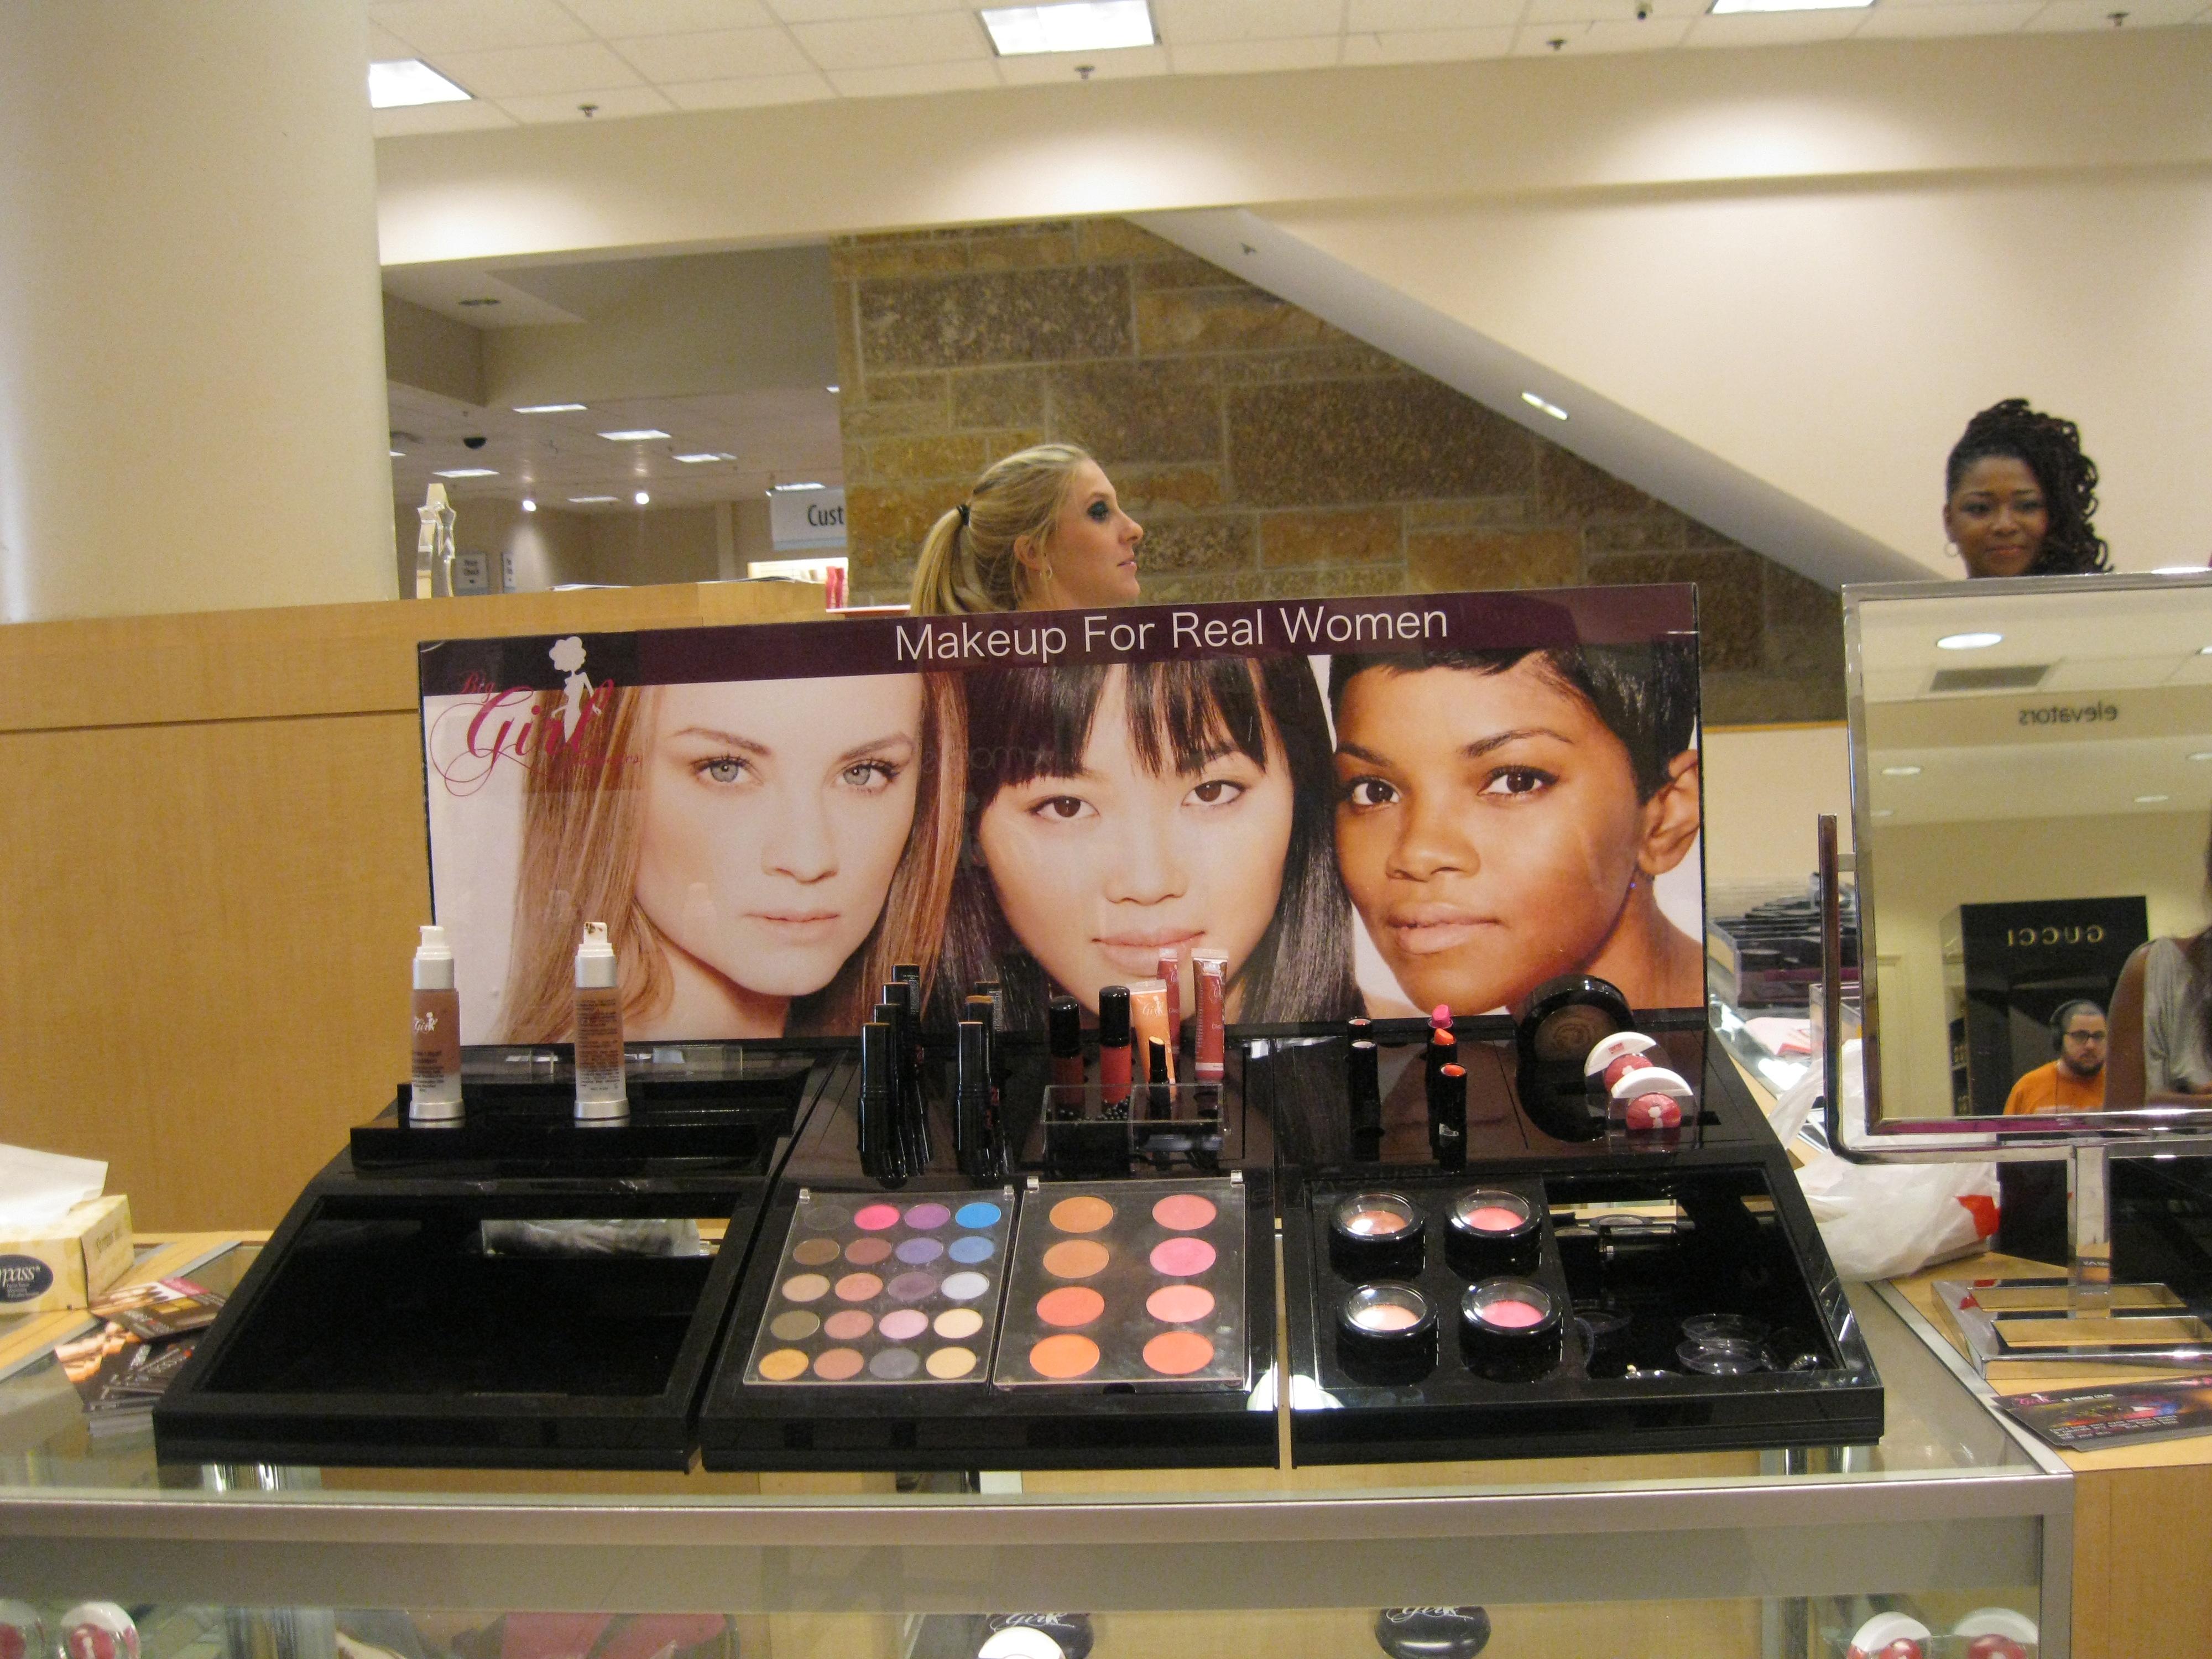 Macys makeup